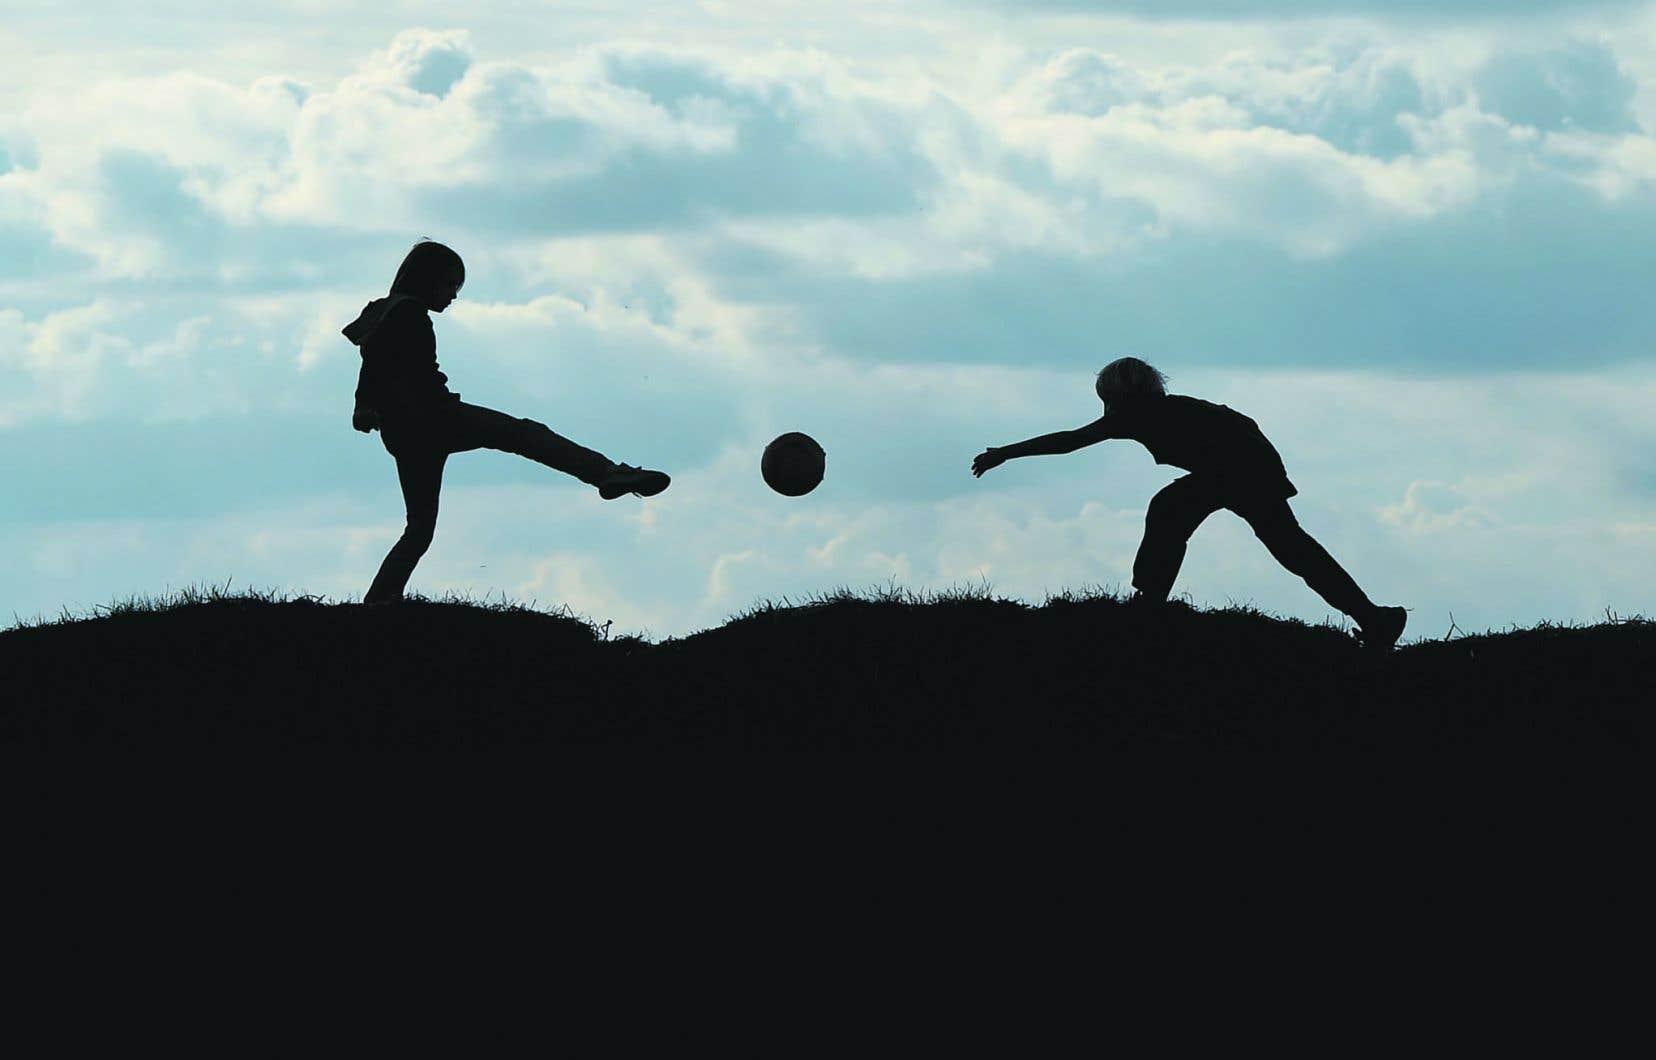 Les témoignages entendus par la Commission spéciale sur les droits des enfants et la protection de la jeunesse ont mis en lumière d'importants ratés dans le système de protection.